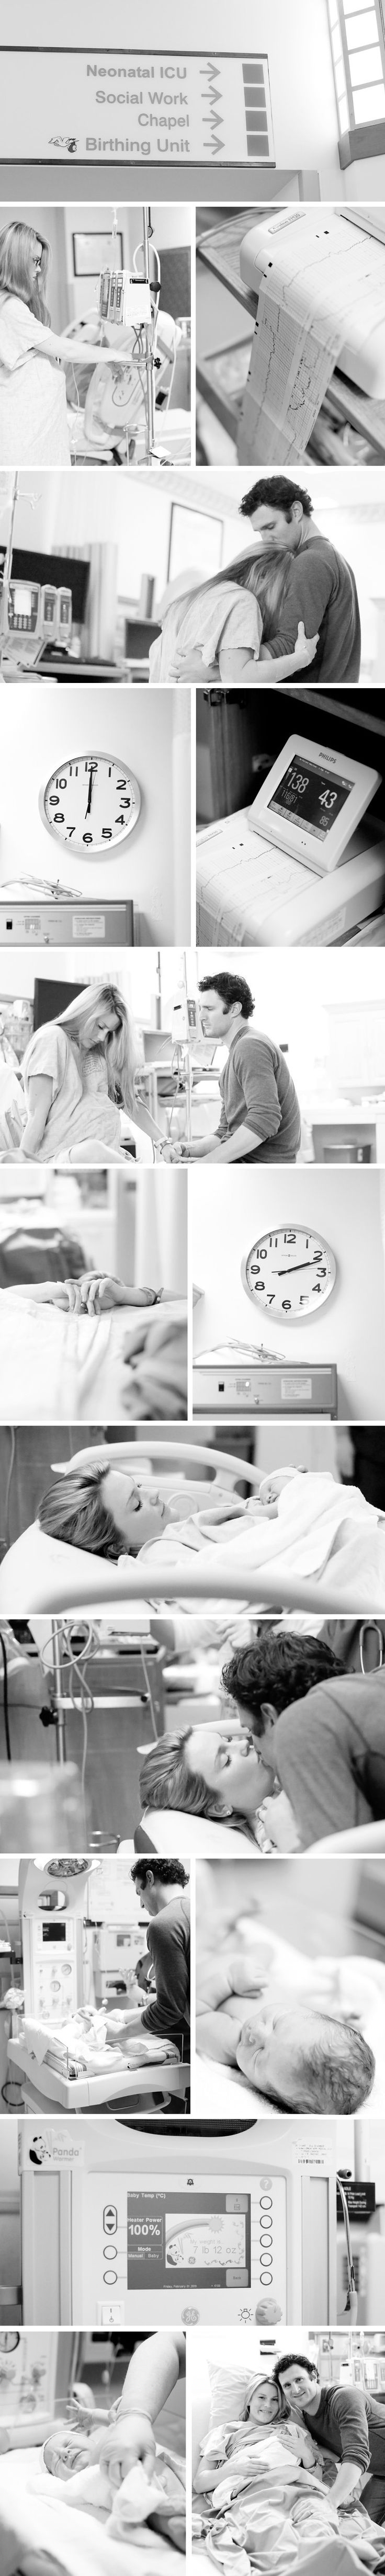 Hospital Birth Photo Shoot LOVE LOVE LOVE